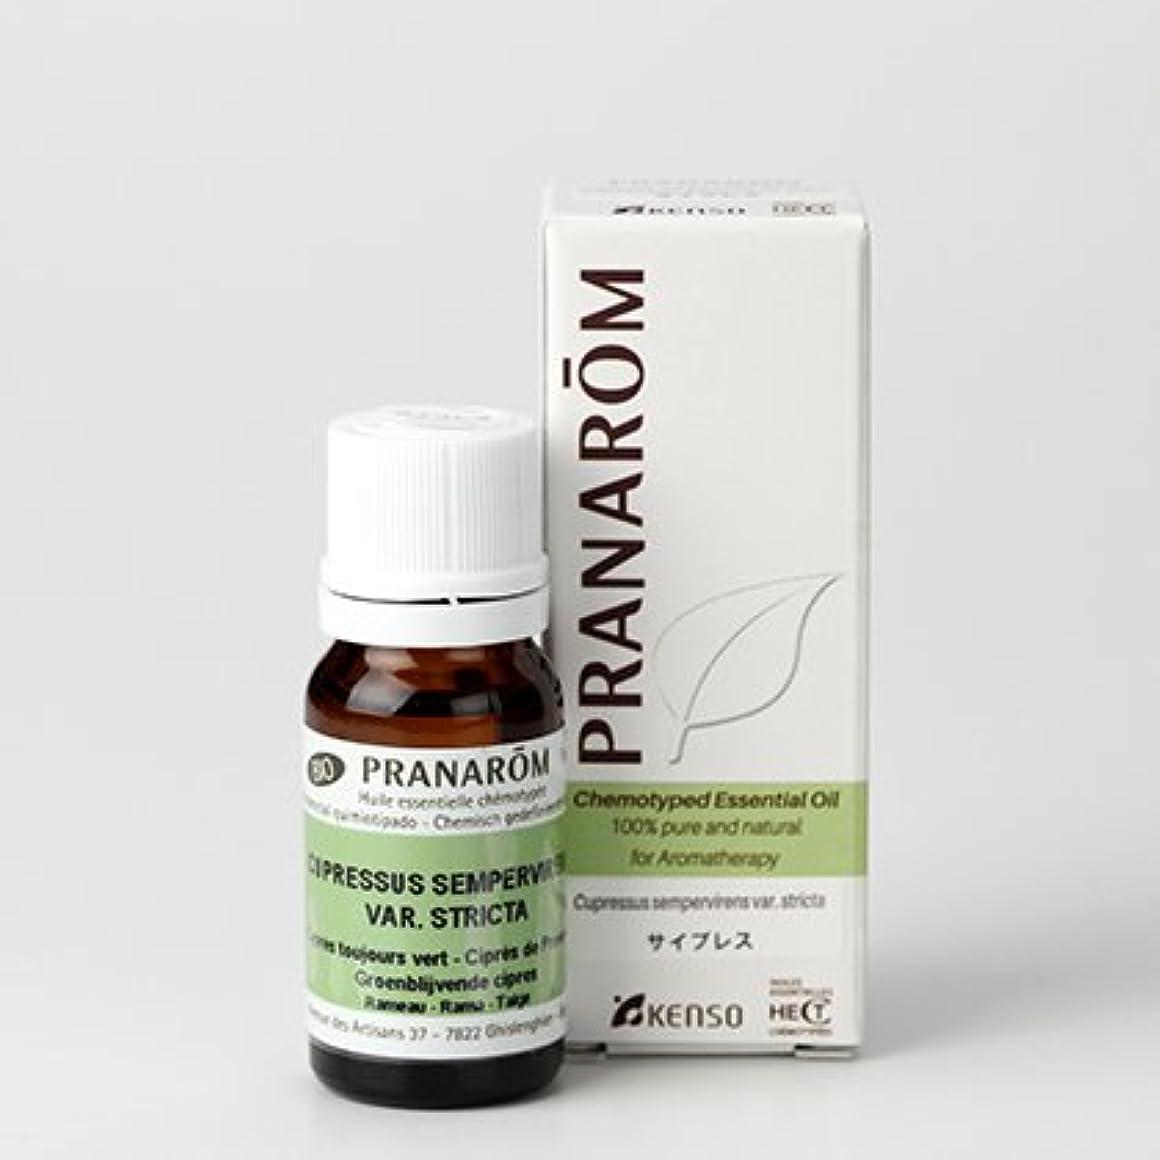 刺す肺フェードサイプレス 10ml プラナロム社エッセンシャルオイル(精油) 樹木系ミドルノート